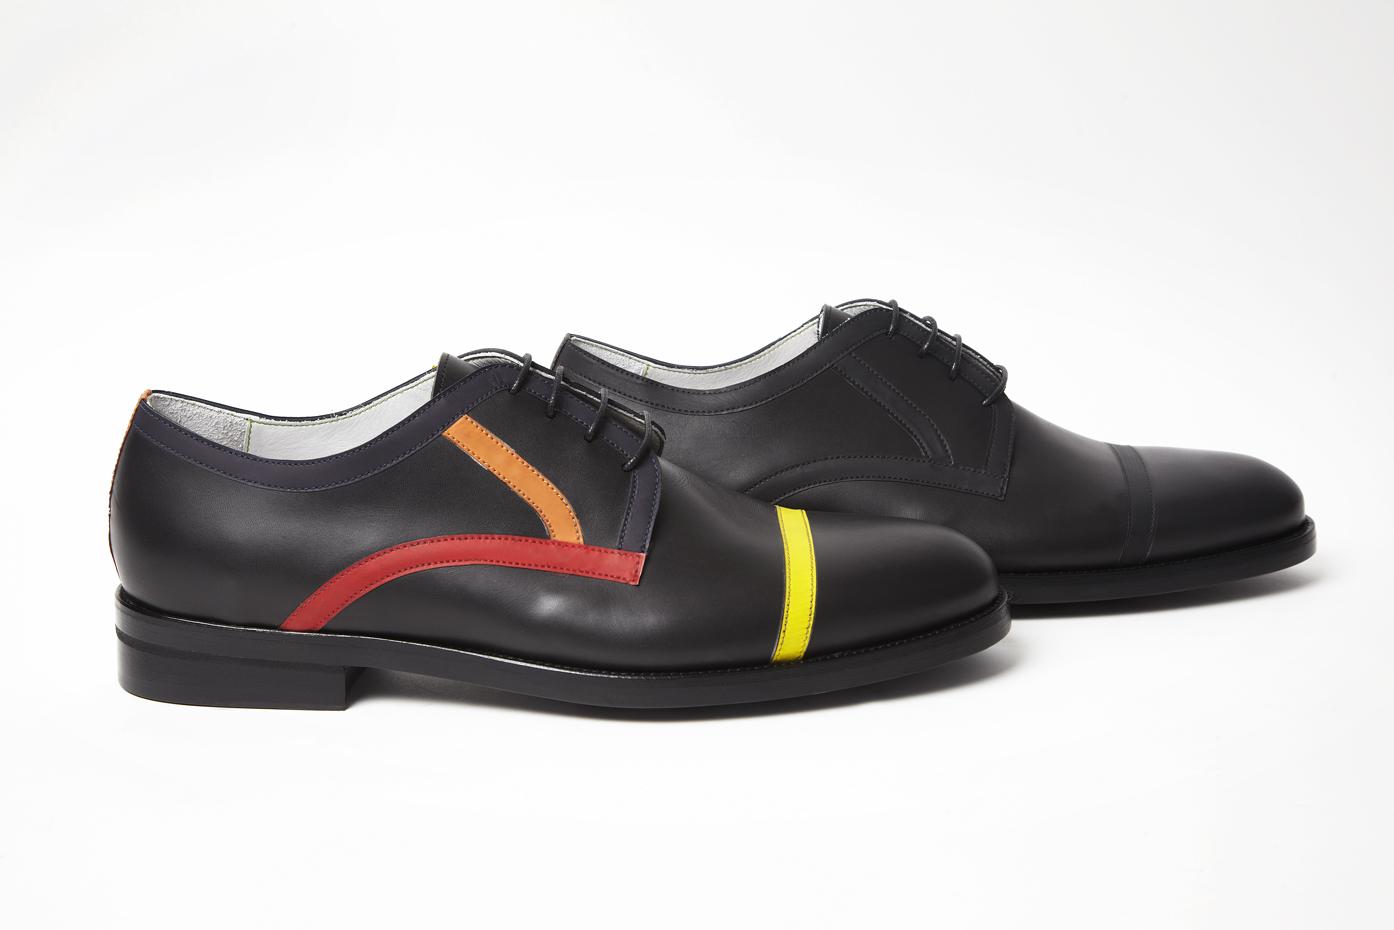 Agi Sam x Oliver Sweeney Footwear